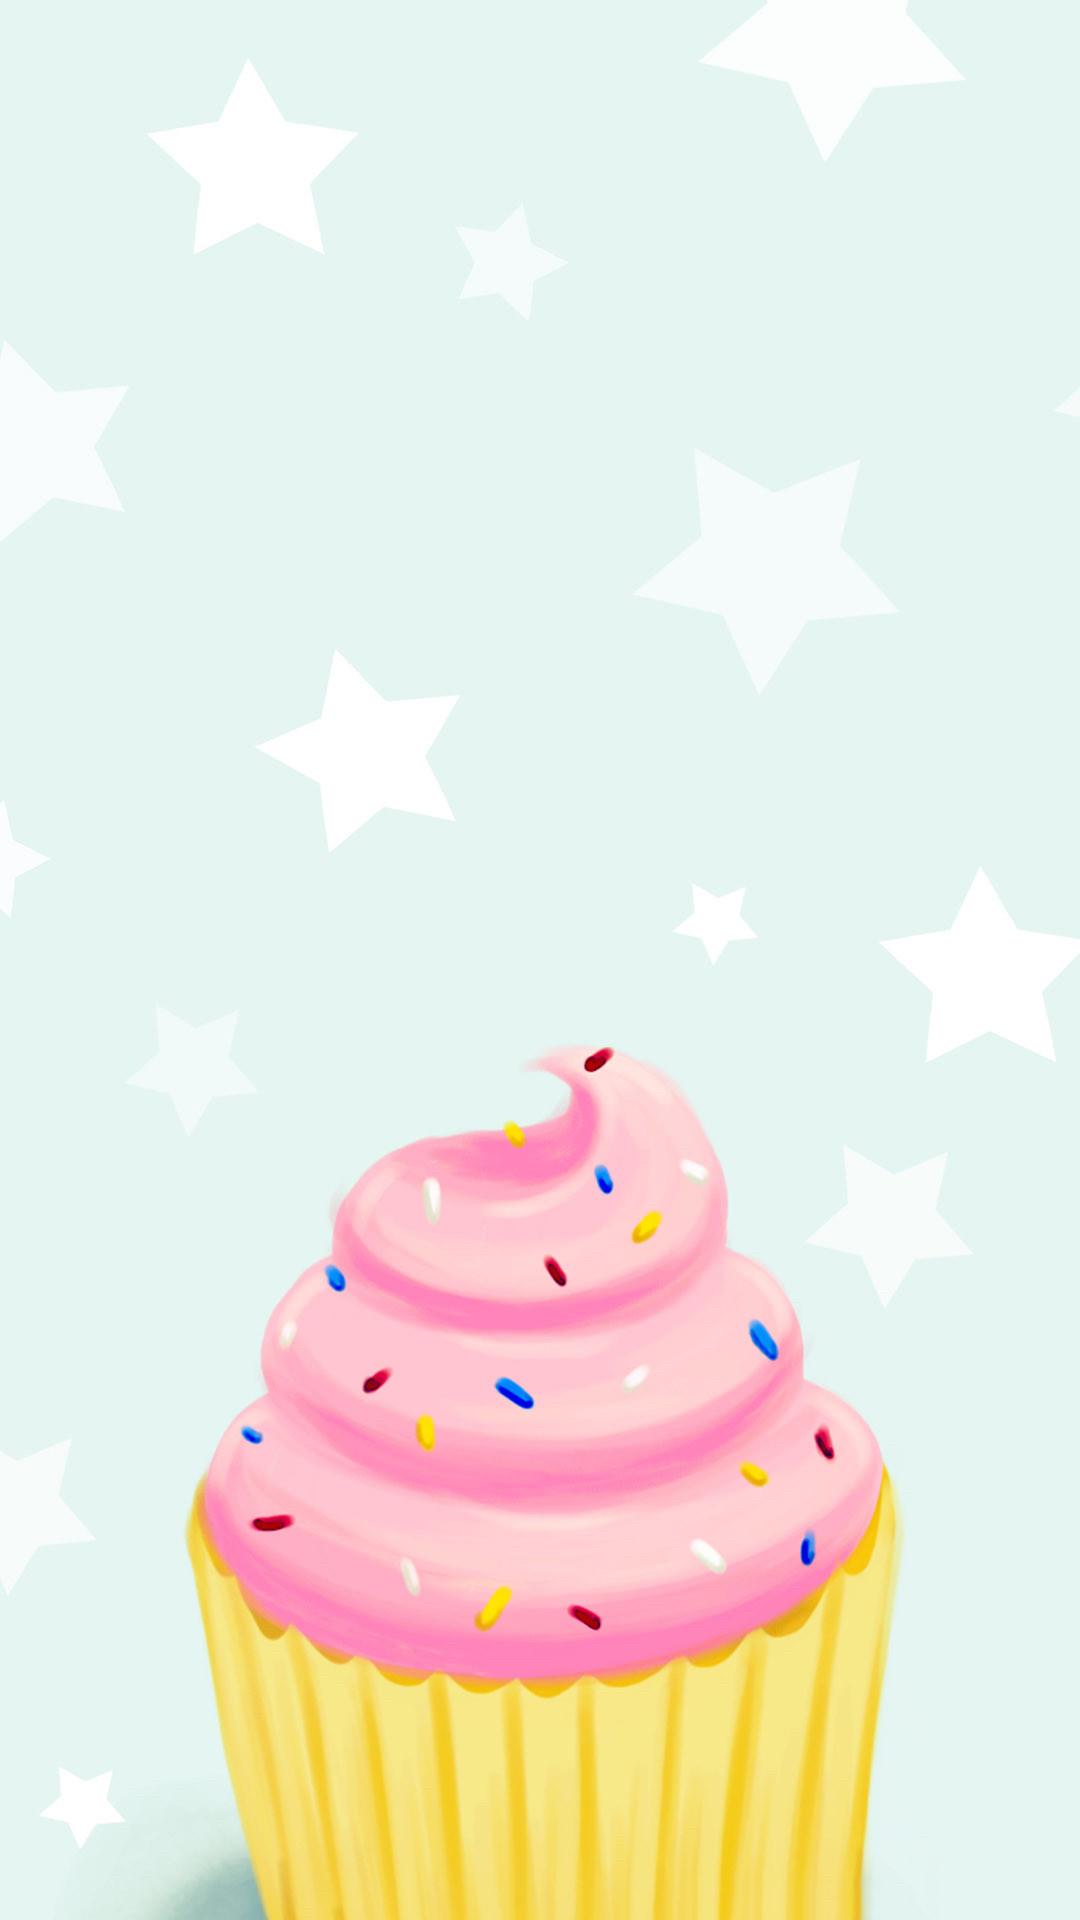 Cute Cupcake Wallpapers ·① WallpaperTag